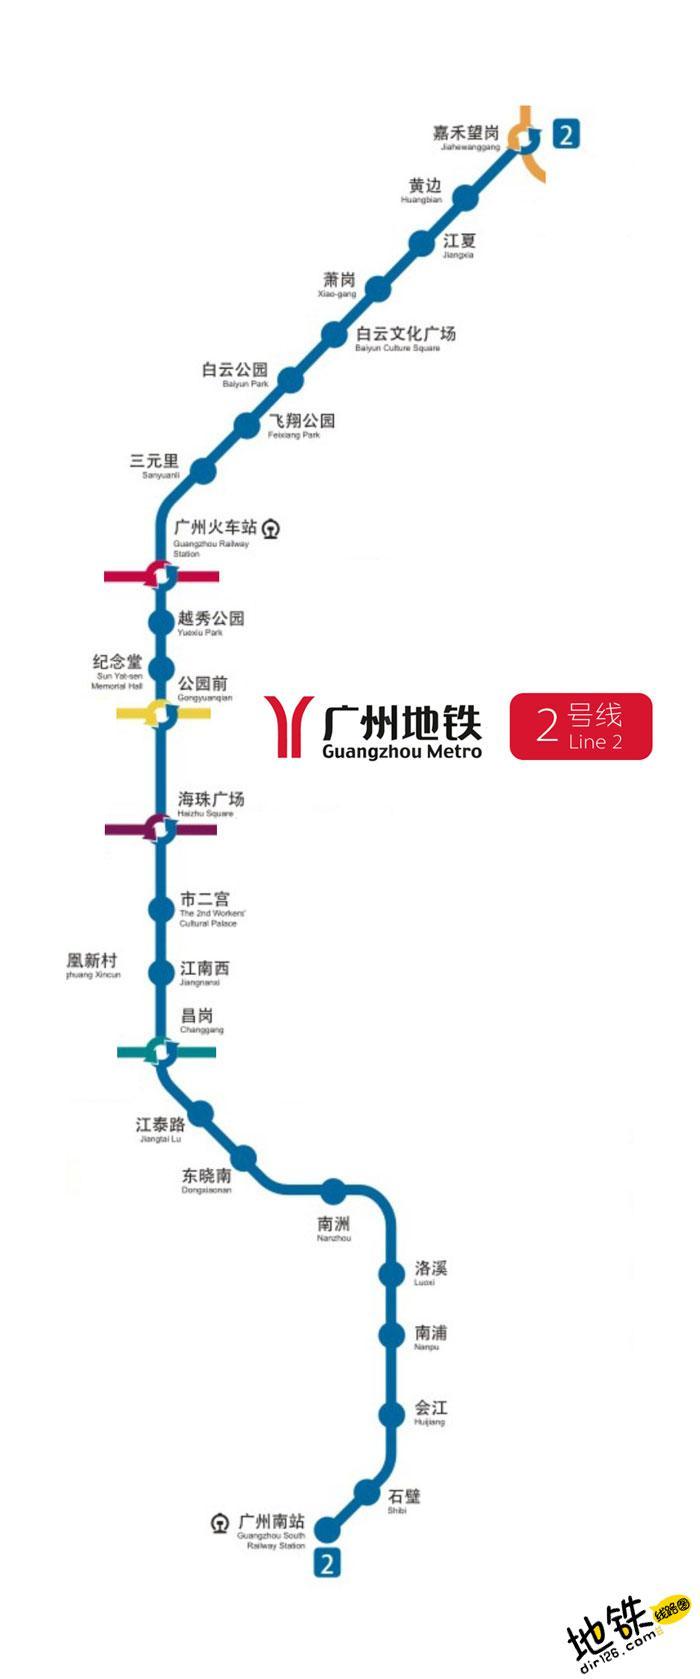 广州地铁2号线线路图 运营时间票价站点 查询下载 广州地铁2号线查询 广州地铁2号线运营时间 广州地铁2号线线路图 广州地铁2号线 广州地铁二号线 广州地铁线路图  第2张